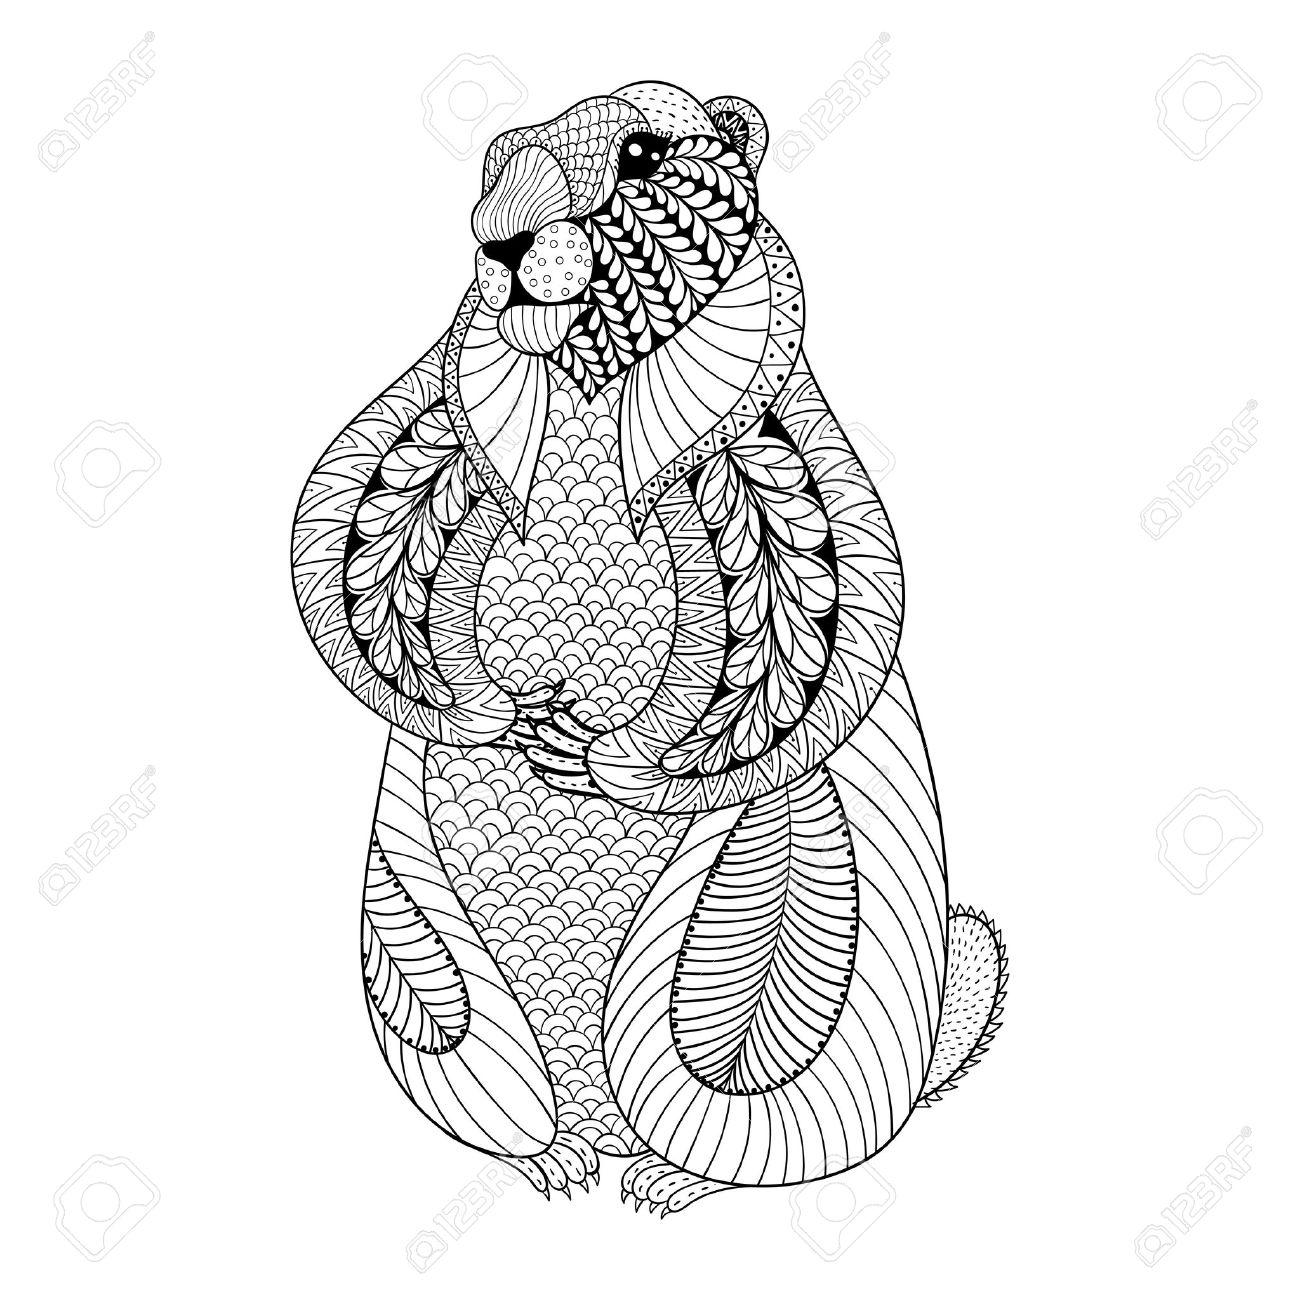 Hand Gezeichnet Groundhog Für Erwachsene Malvorlagen In Doodle ...